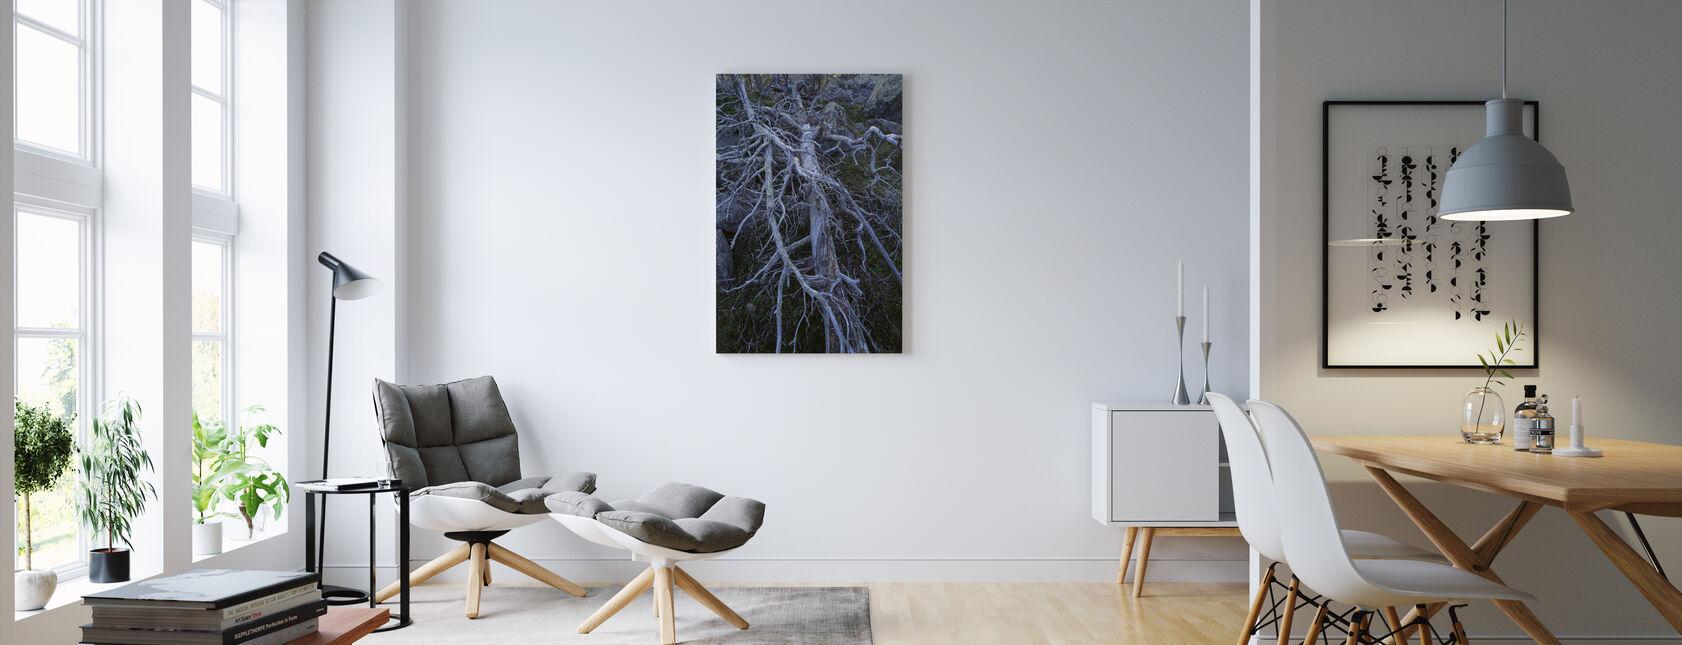 Puu Rungot - Canvastaulu - Olohuone